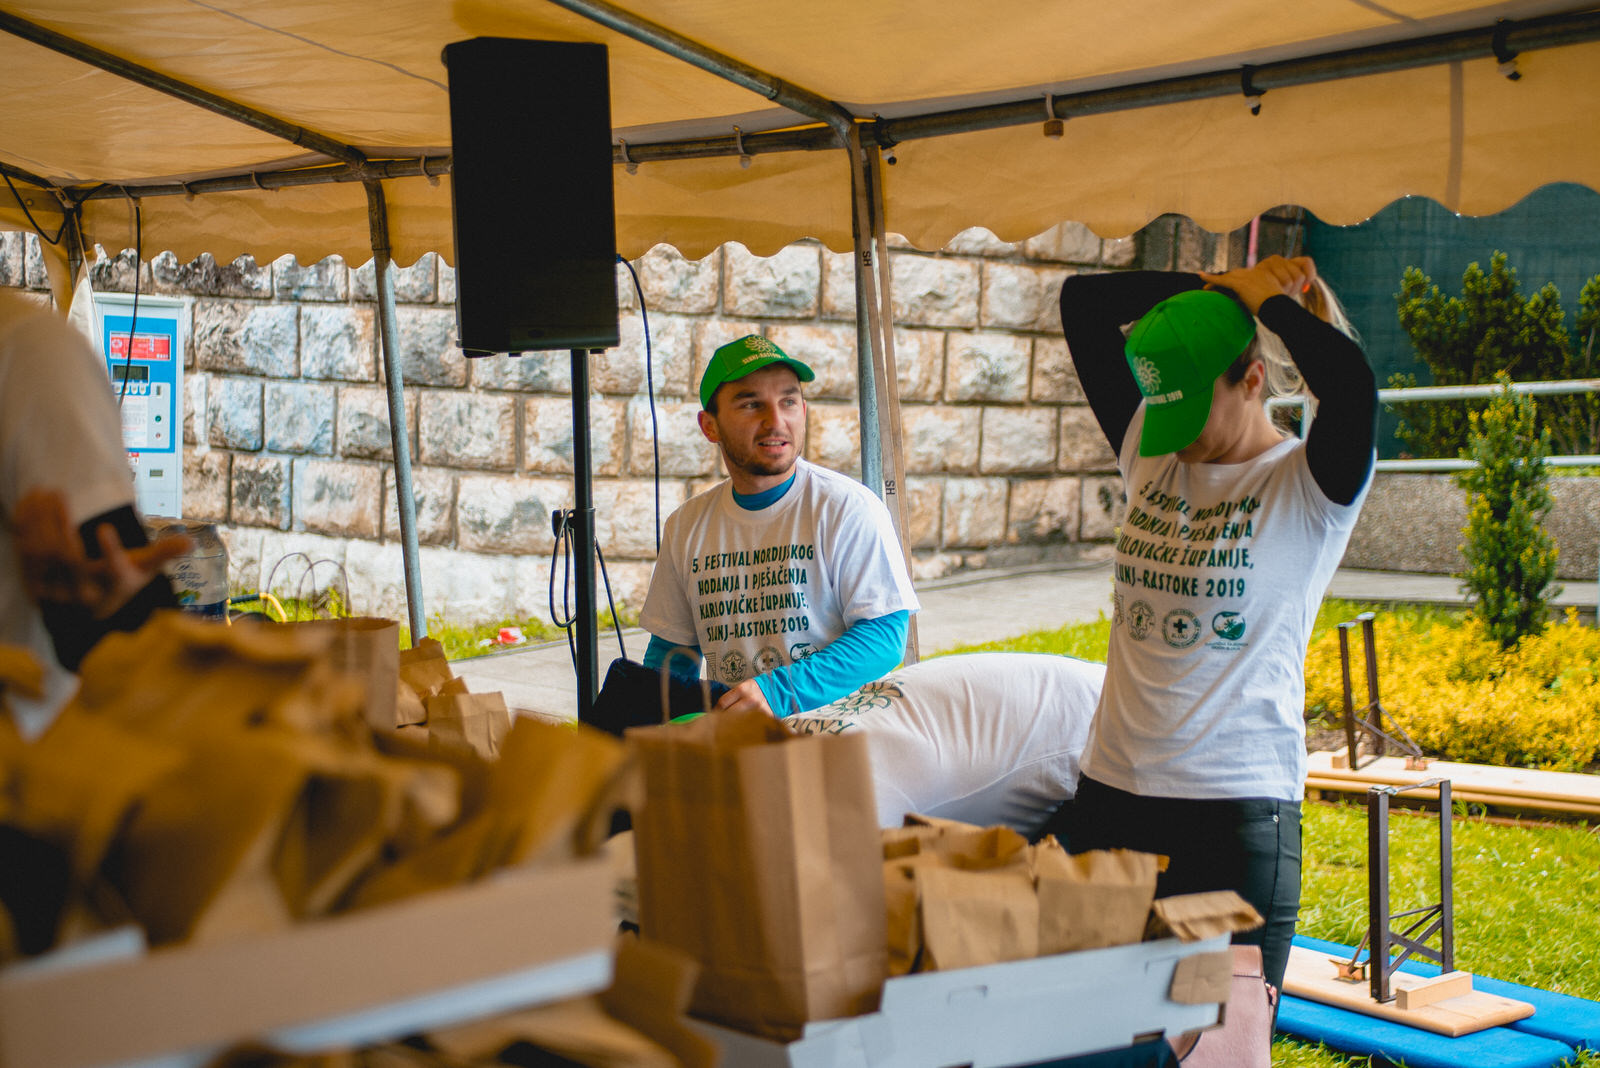 likaclub_slunj_rastoke_5-festival-nordijskog-hodanja_2019-6